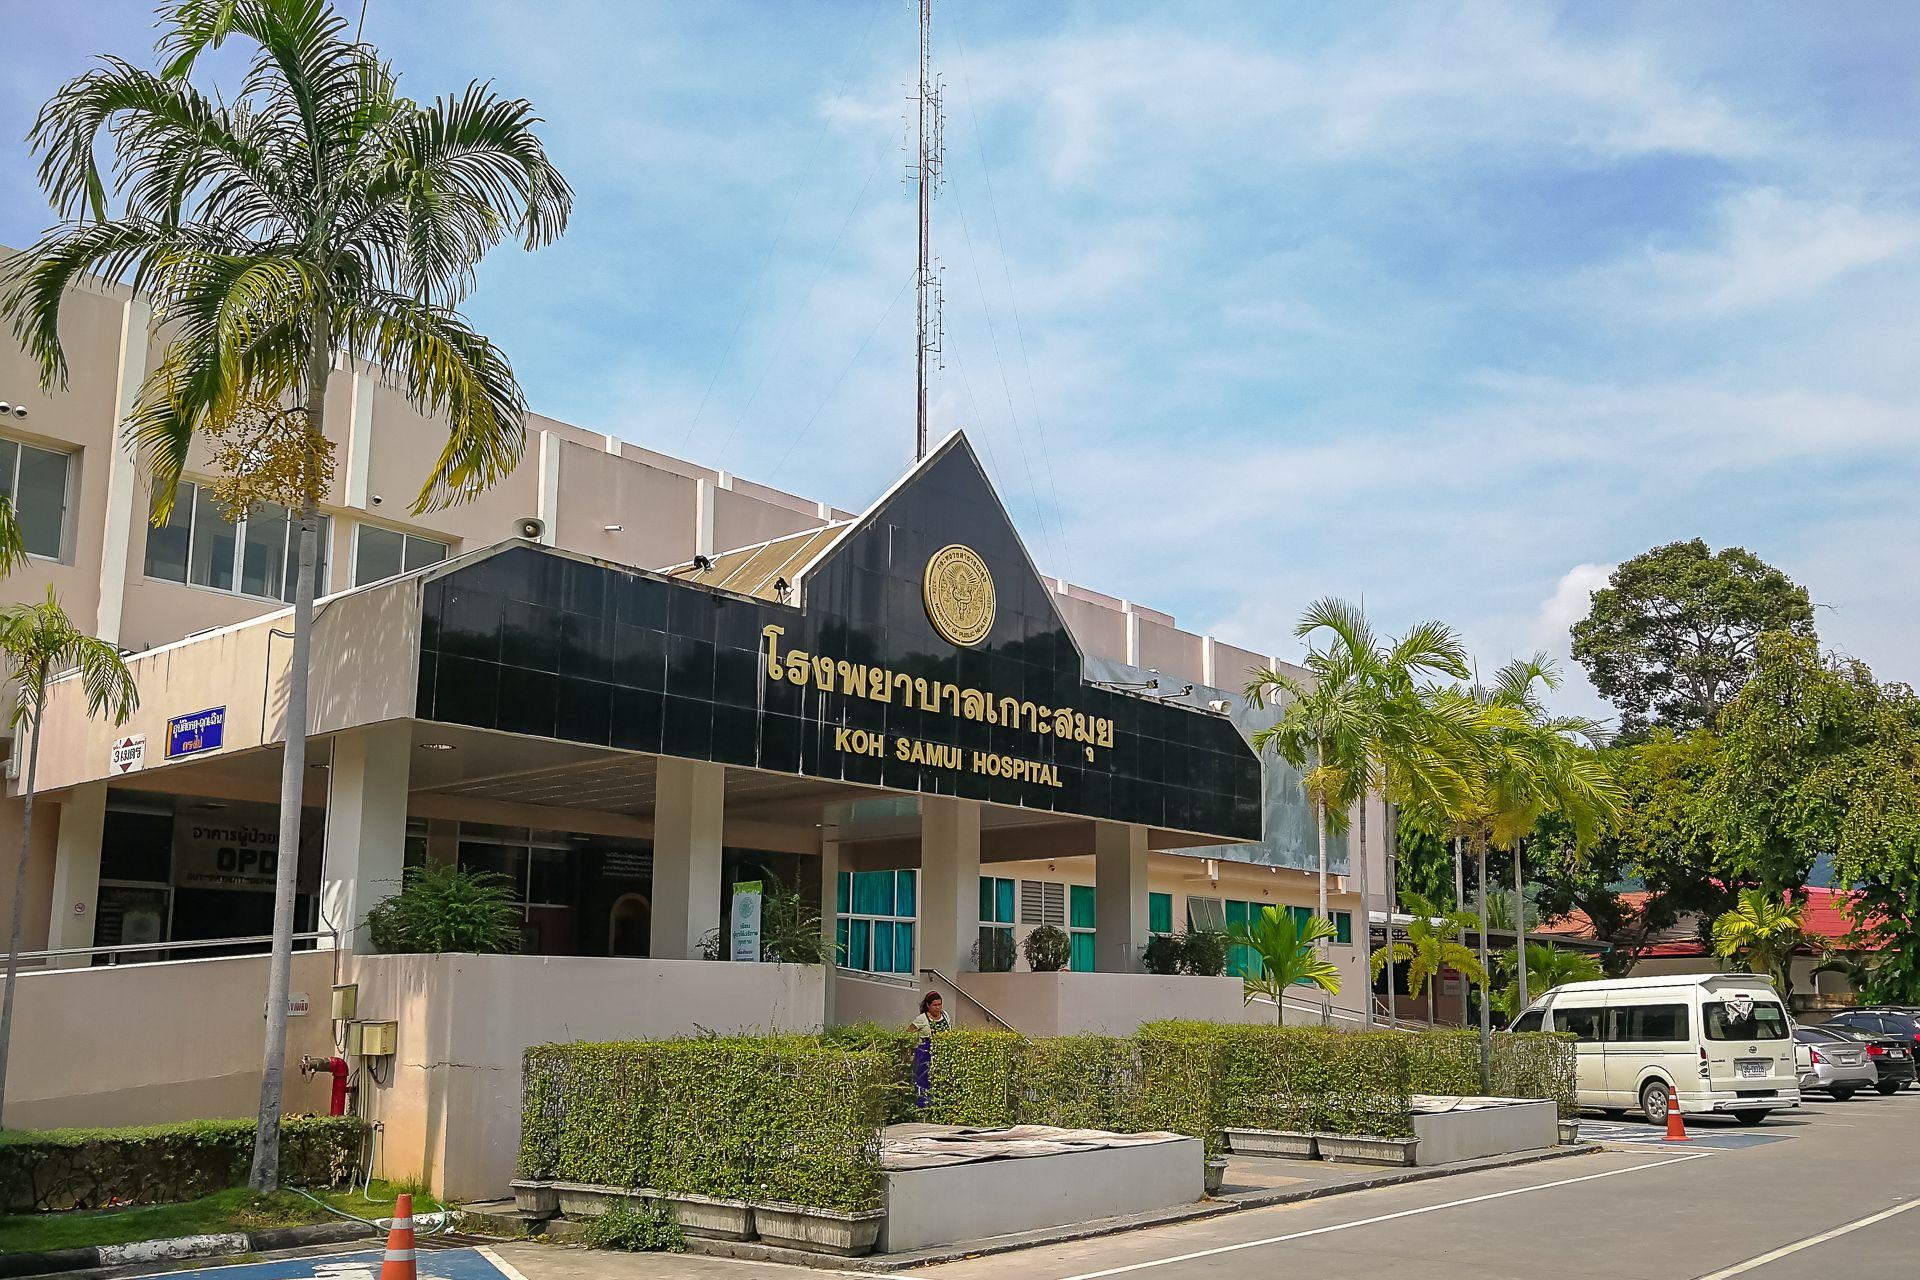 hospital, Koh Samui hospital, Samui hospital, самуи госпиталь, медицина на самуи, больница на Самуи, медицинская страховка, страхование путешественников, тайская медицинская страховка